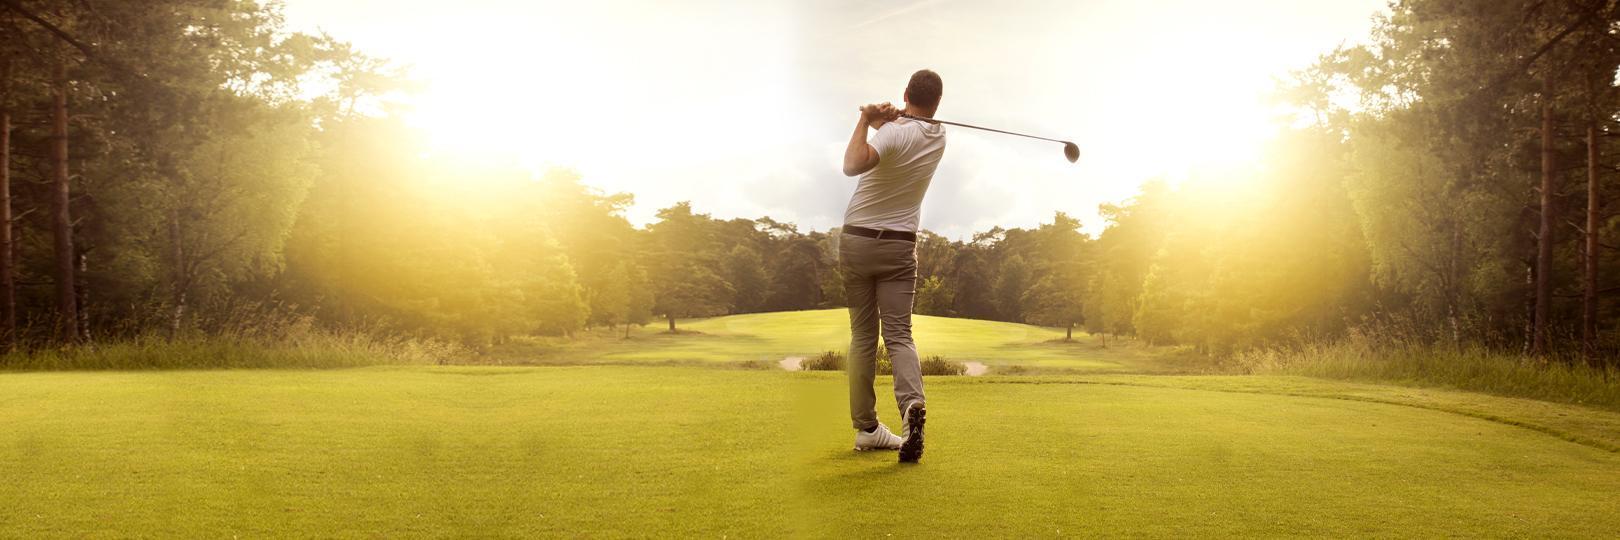 台新無限卡尊榮禮遇  高爾夫擊球優惠5折起